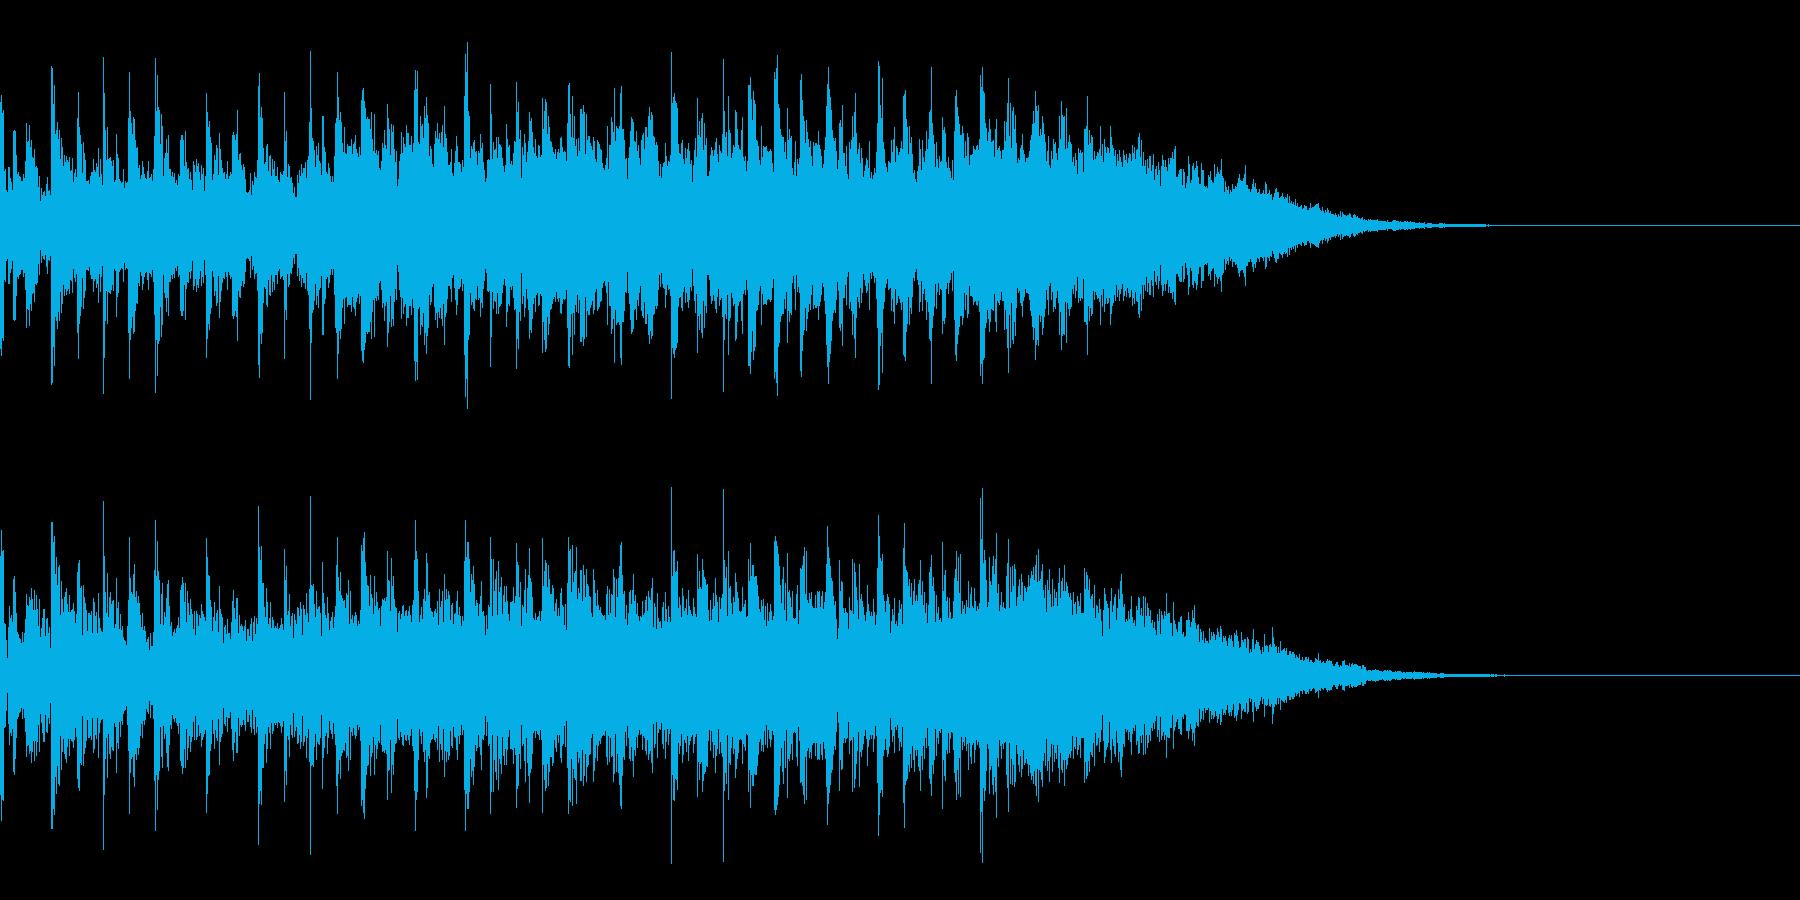 テクノジングルの再生済みの波形